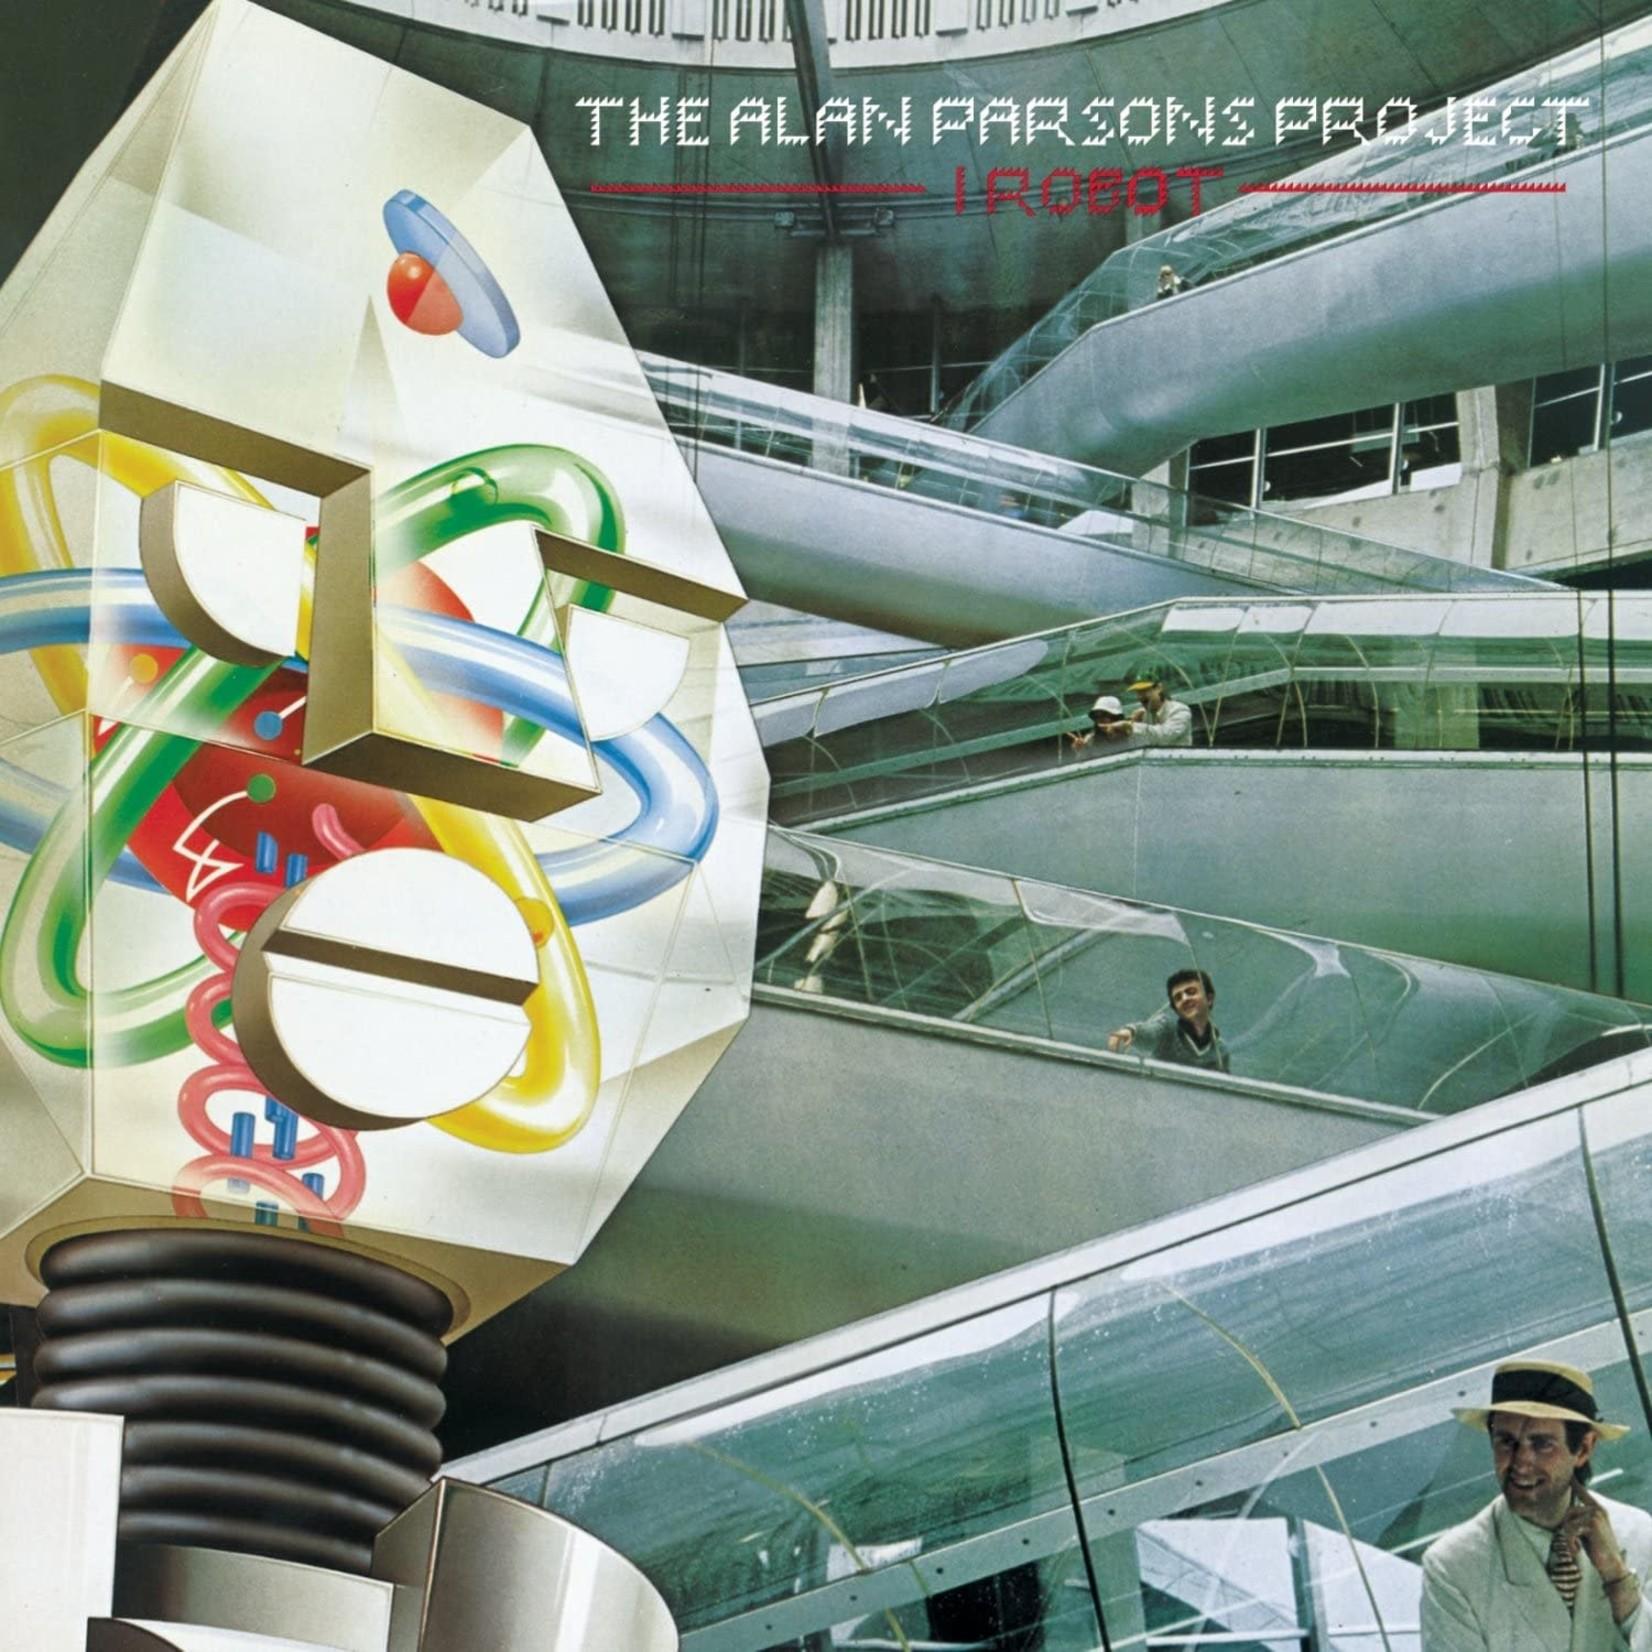 [Vintage] Parsons, Alan: I Robot